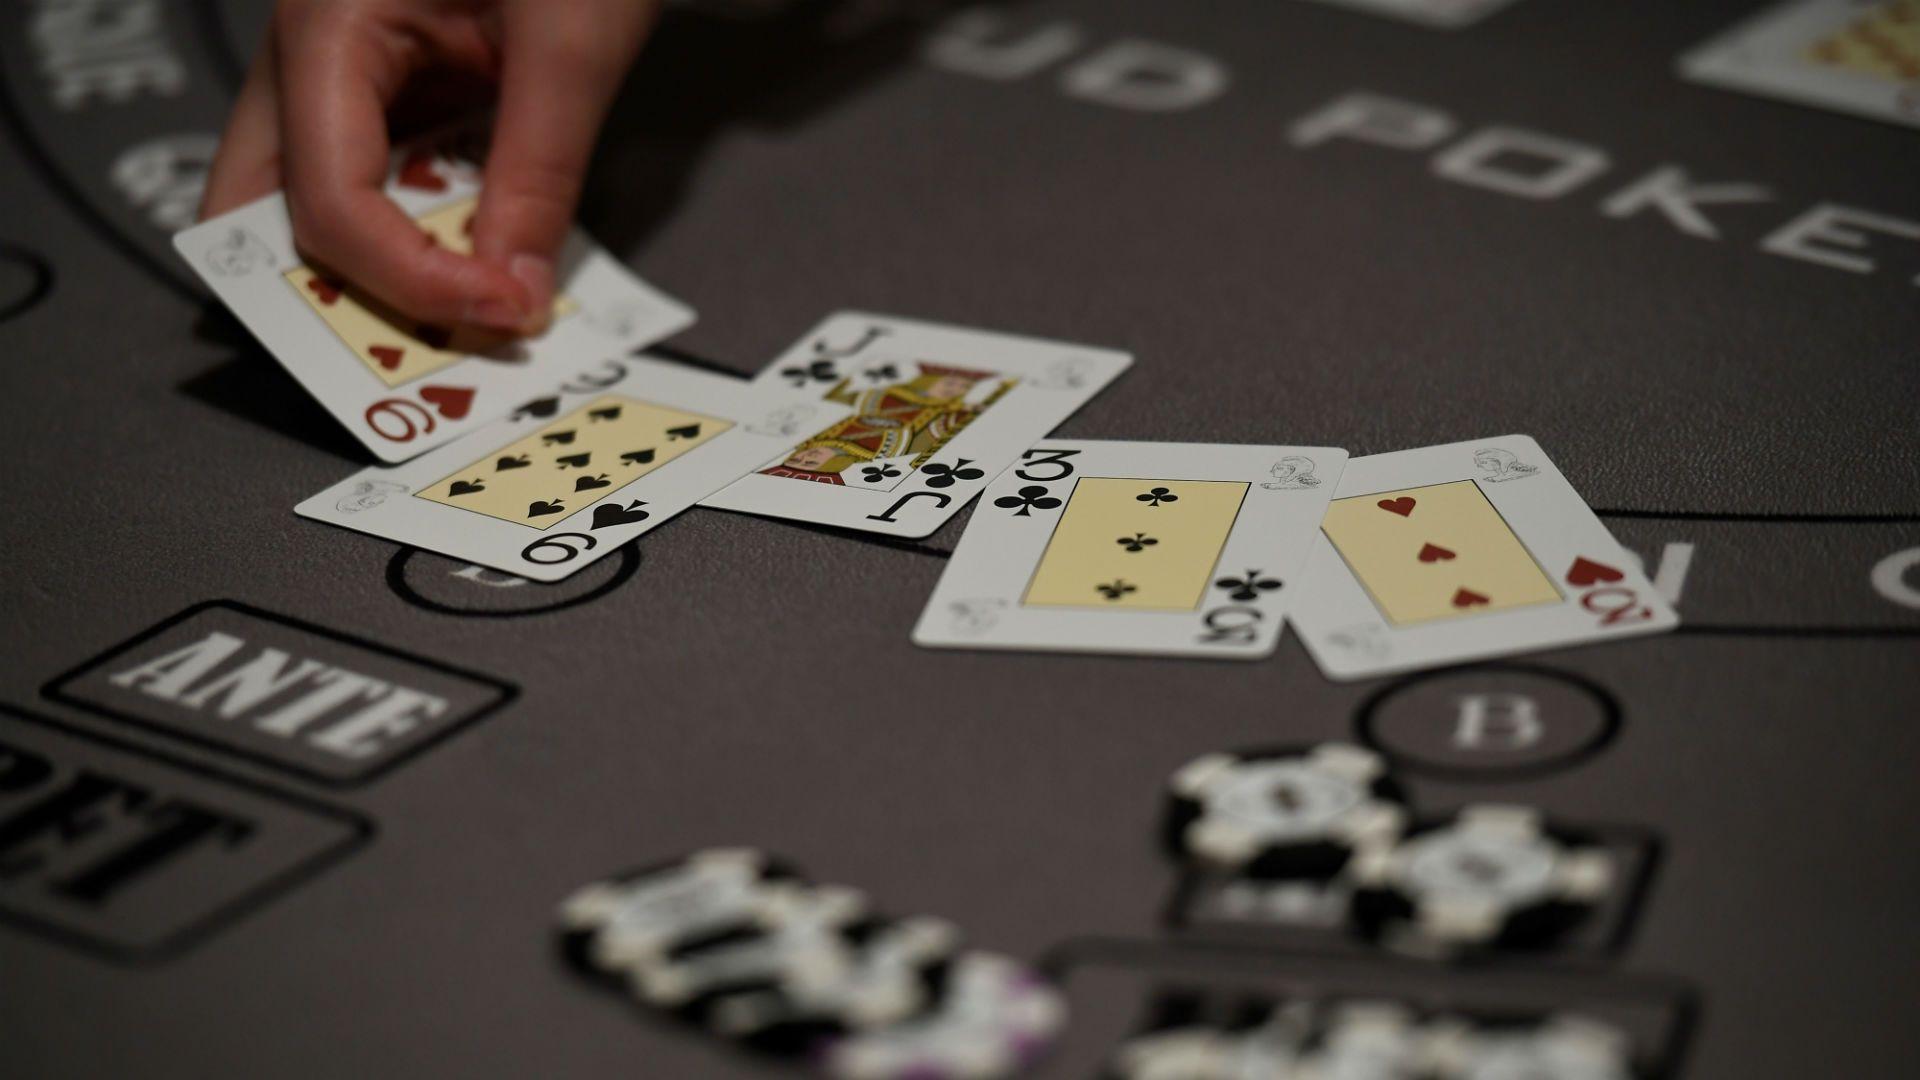 Segera Berlepas Dirilah Dari Ketagihan Bisnis Poker Climchalp